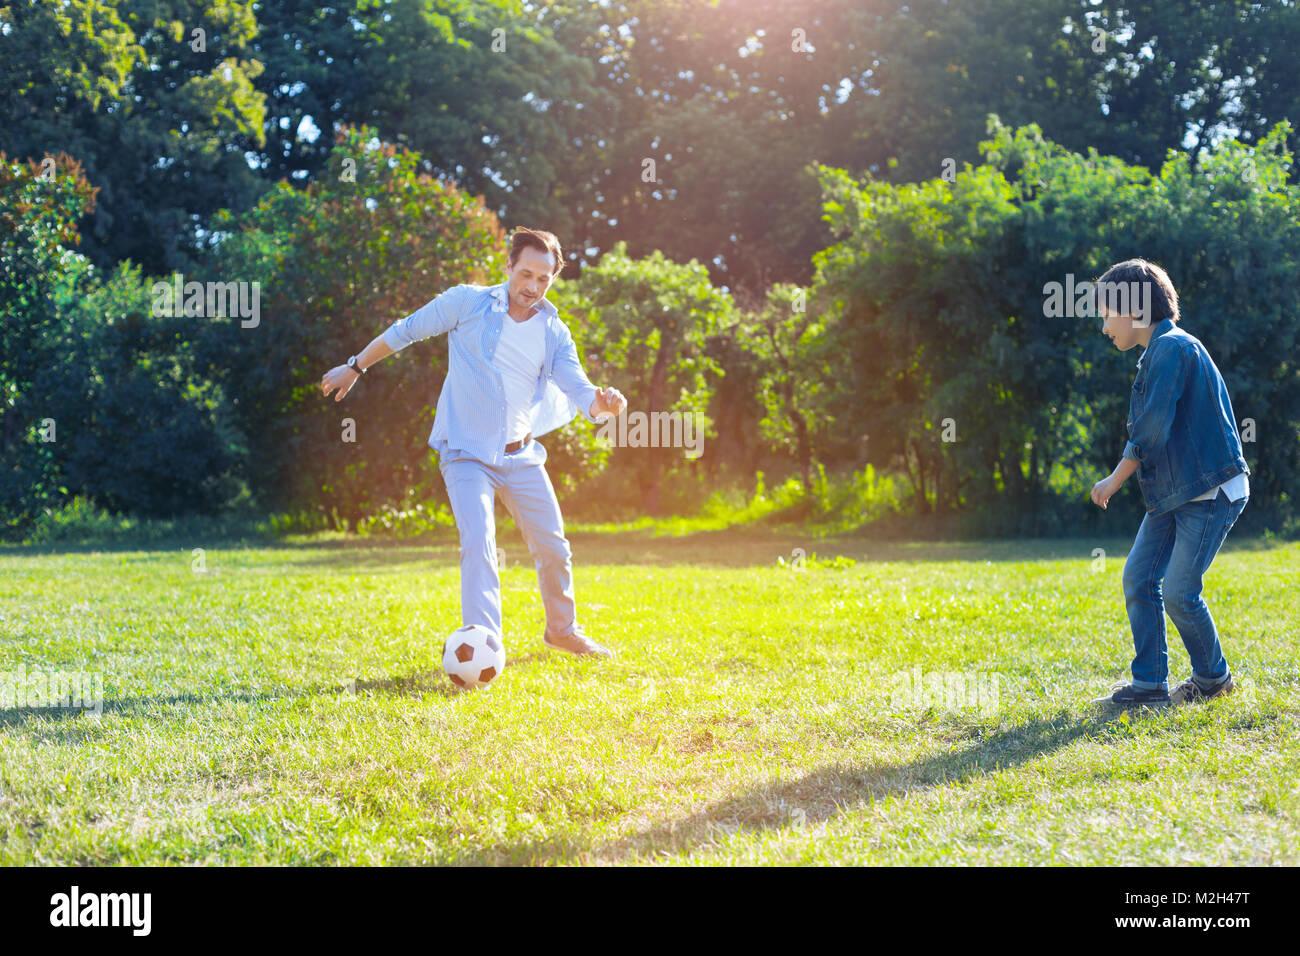 Gioioso padre e figlio giocando a calcio insieme Immagini Stock